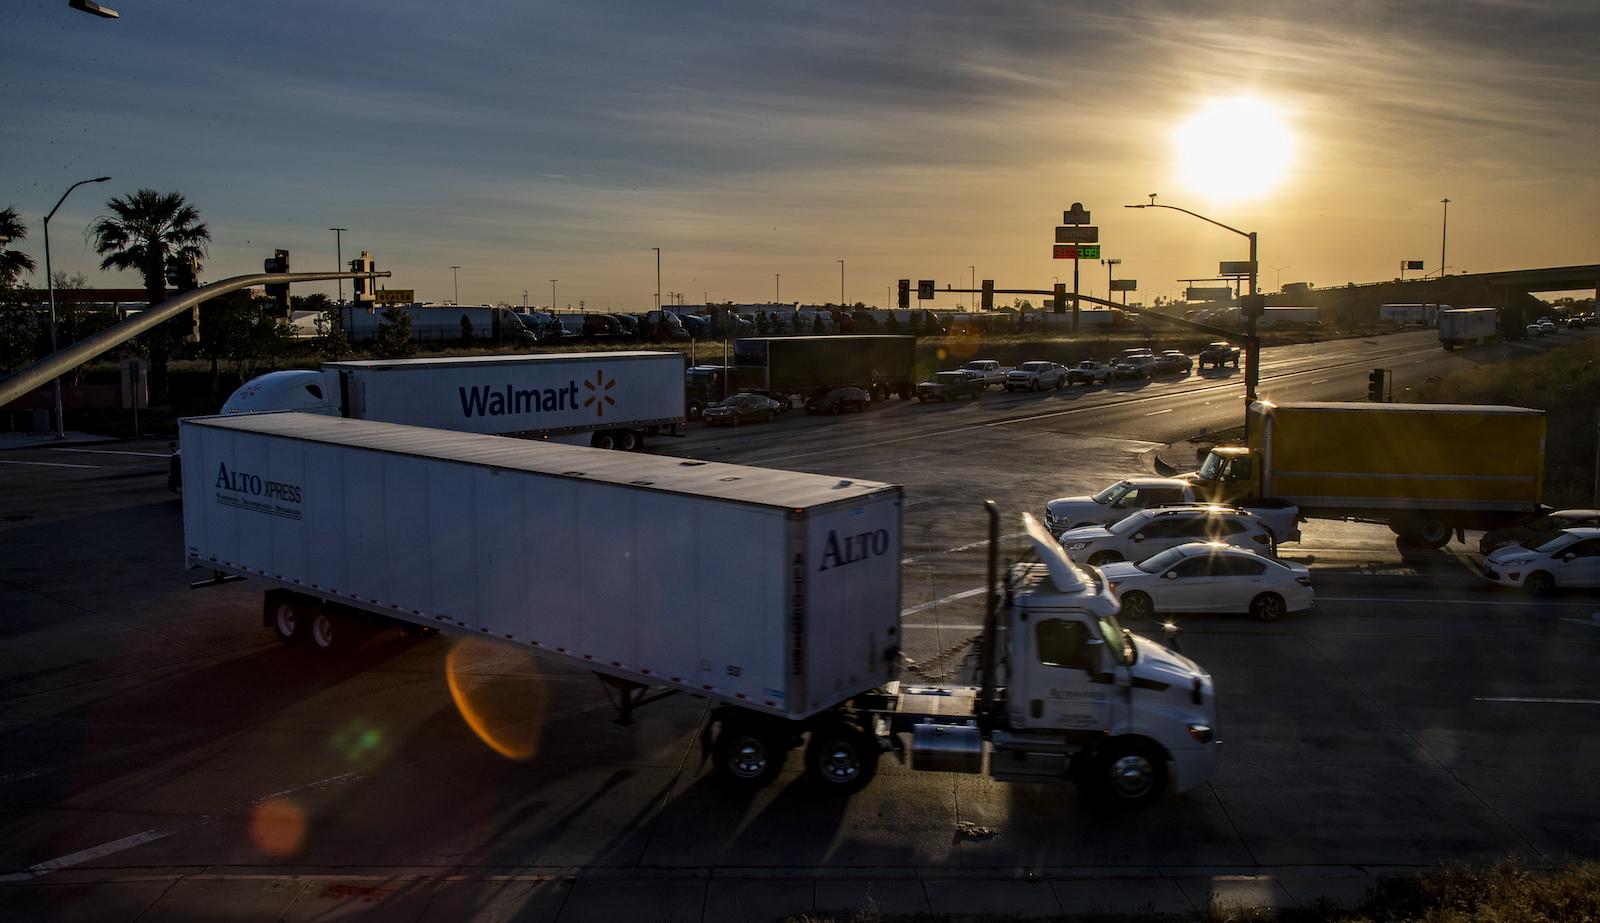 کامیون های دیزلی ترافیک را در تقاطعی در سن برناردینو ، کالیفرنیا افزایش می دهند.